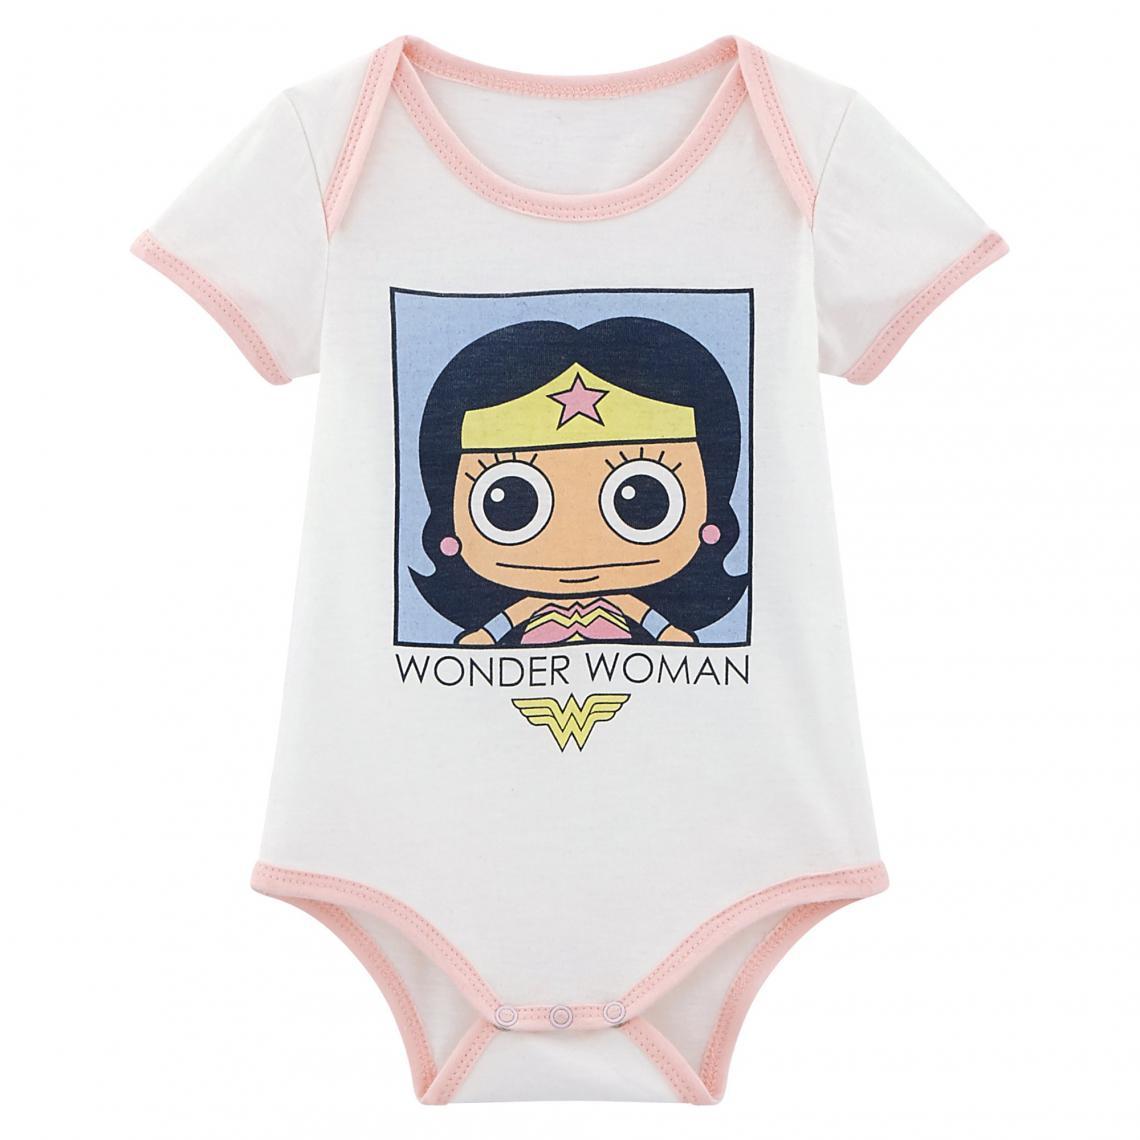 Body Wonder Woman bébé - Blanc 3 SUISSES Enfant b065be432a1